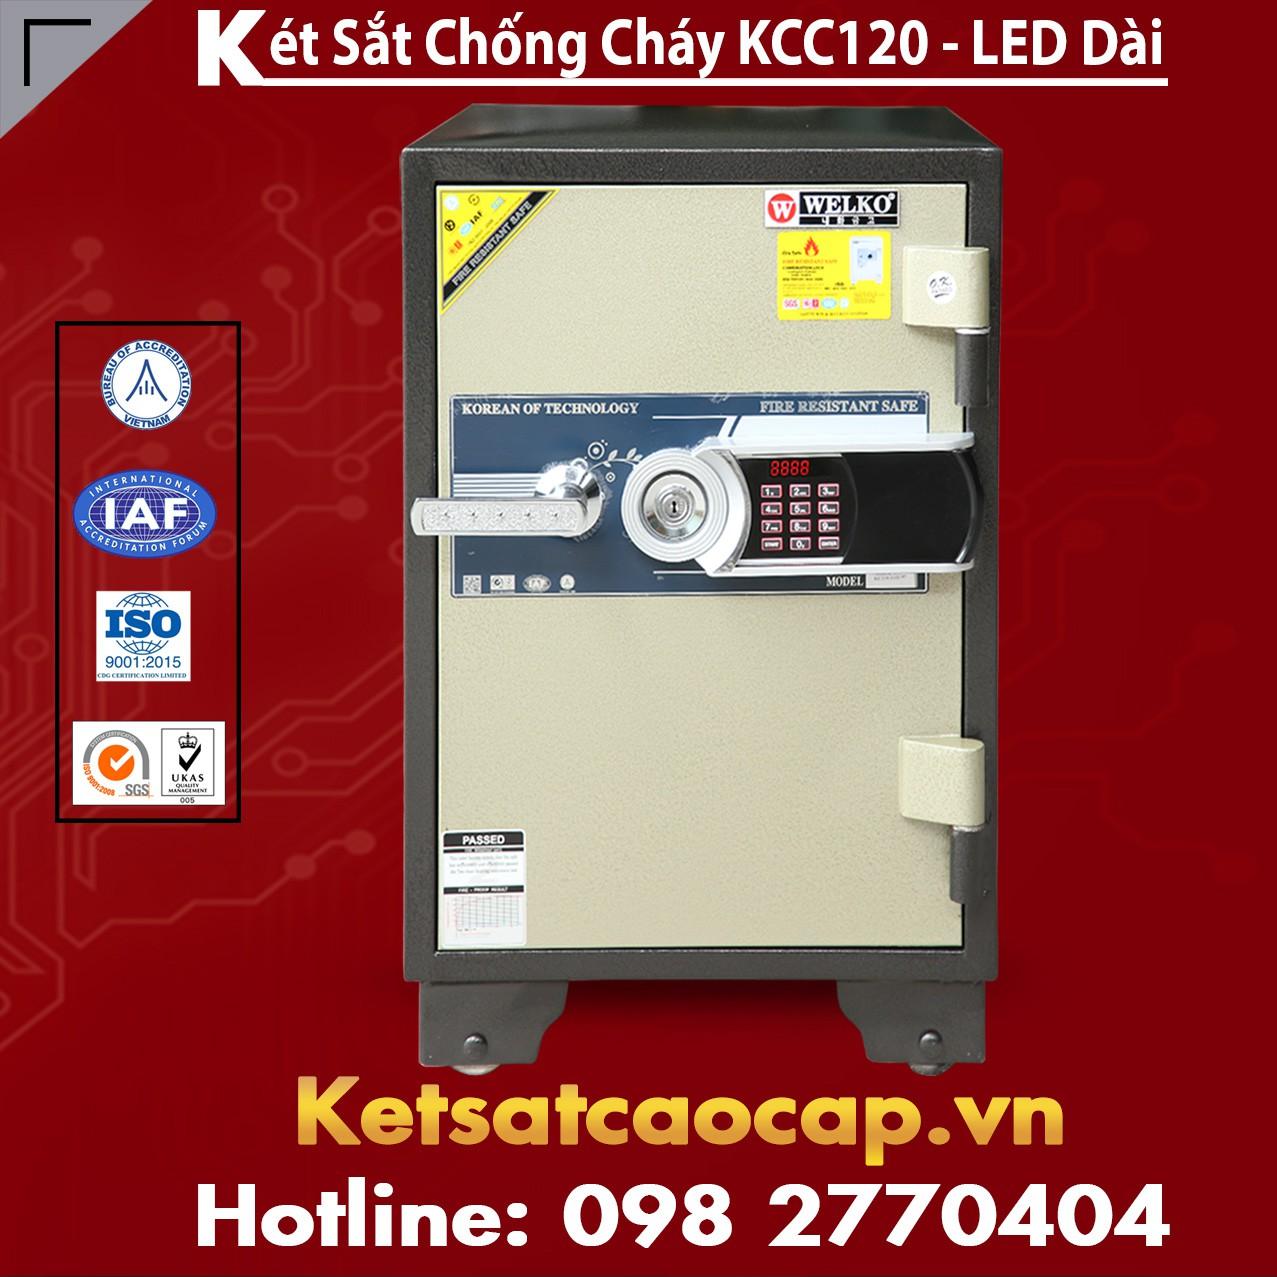 Két Sắt Văn Phòng Cao Cấp WELKO KCC120 - Led Dài